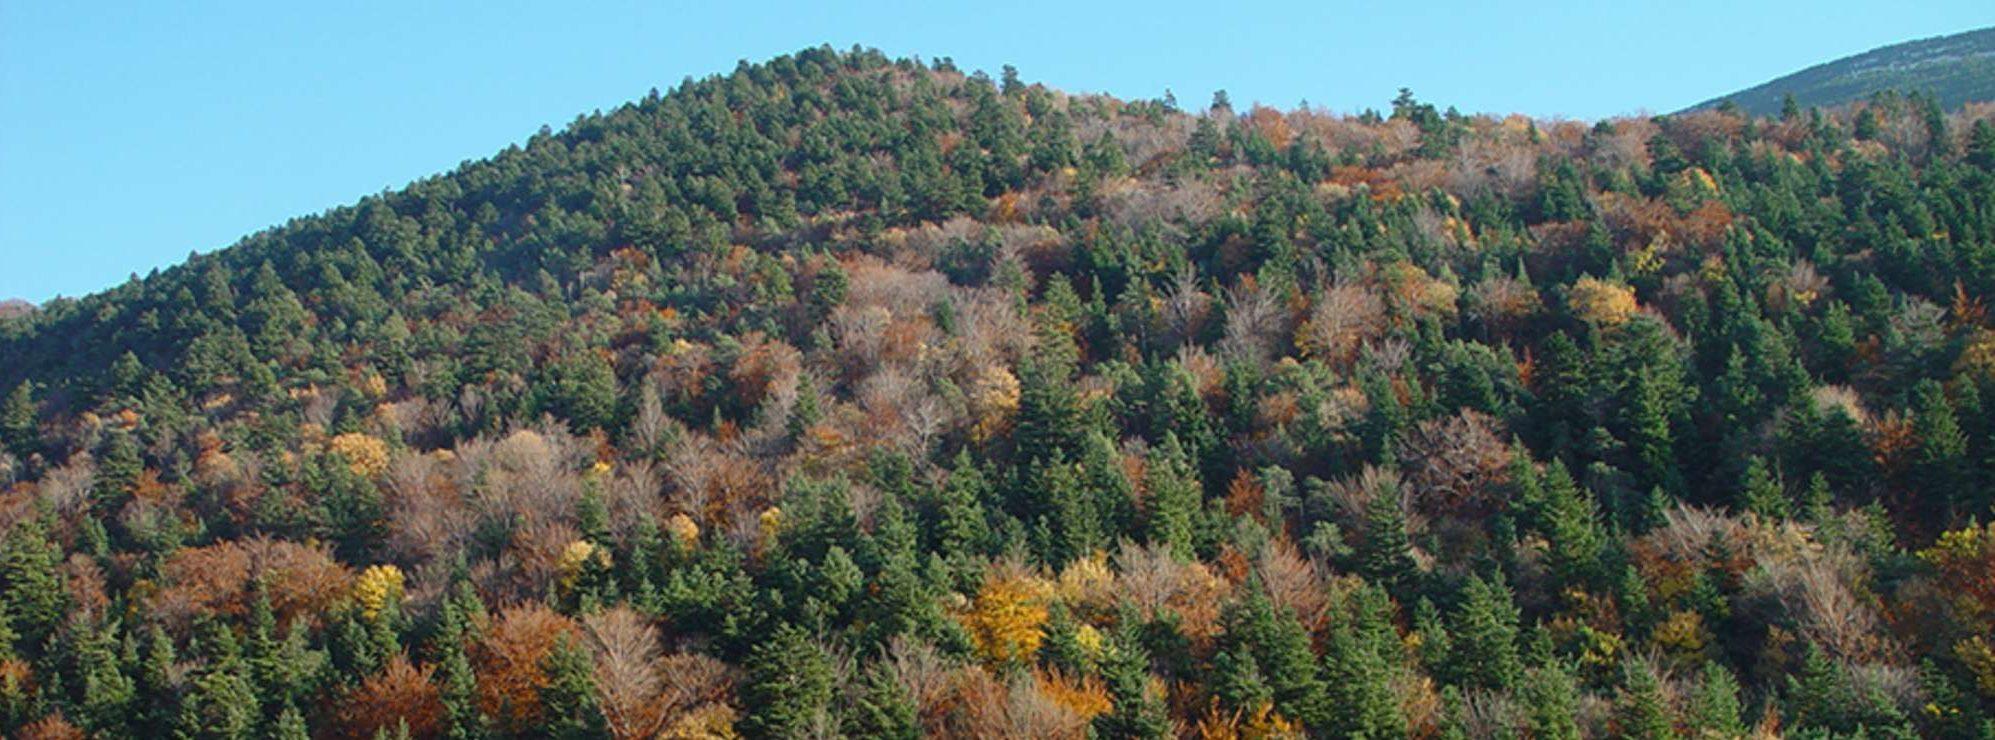 Forêt mixte exposée au changement climatique. Mont Ventoux.